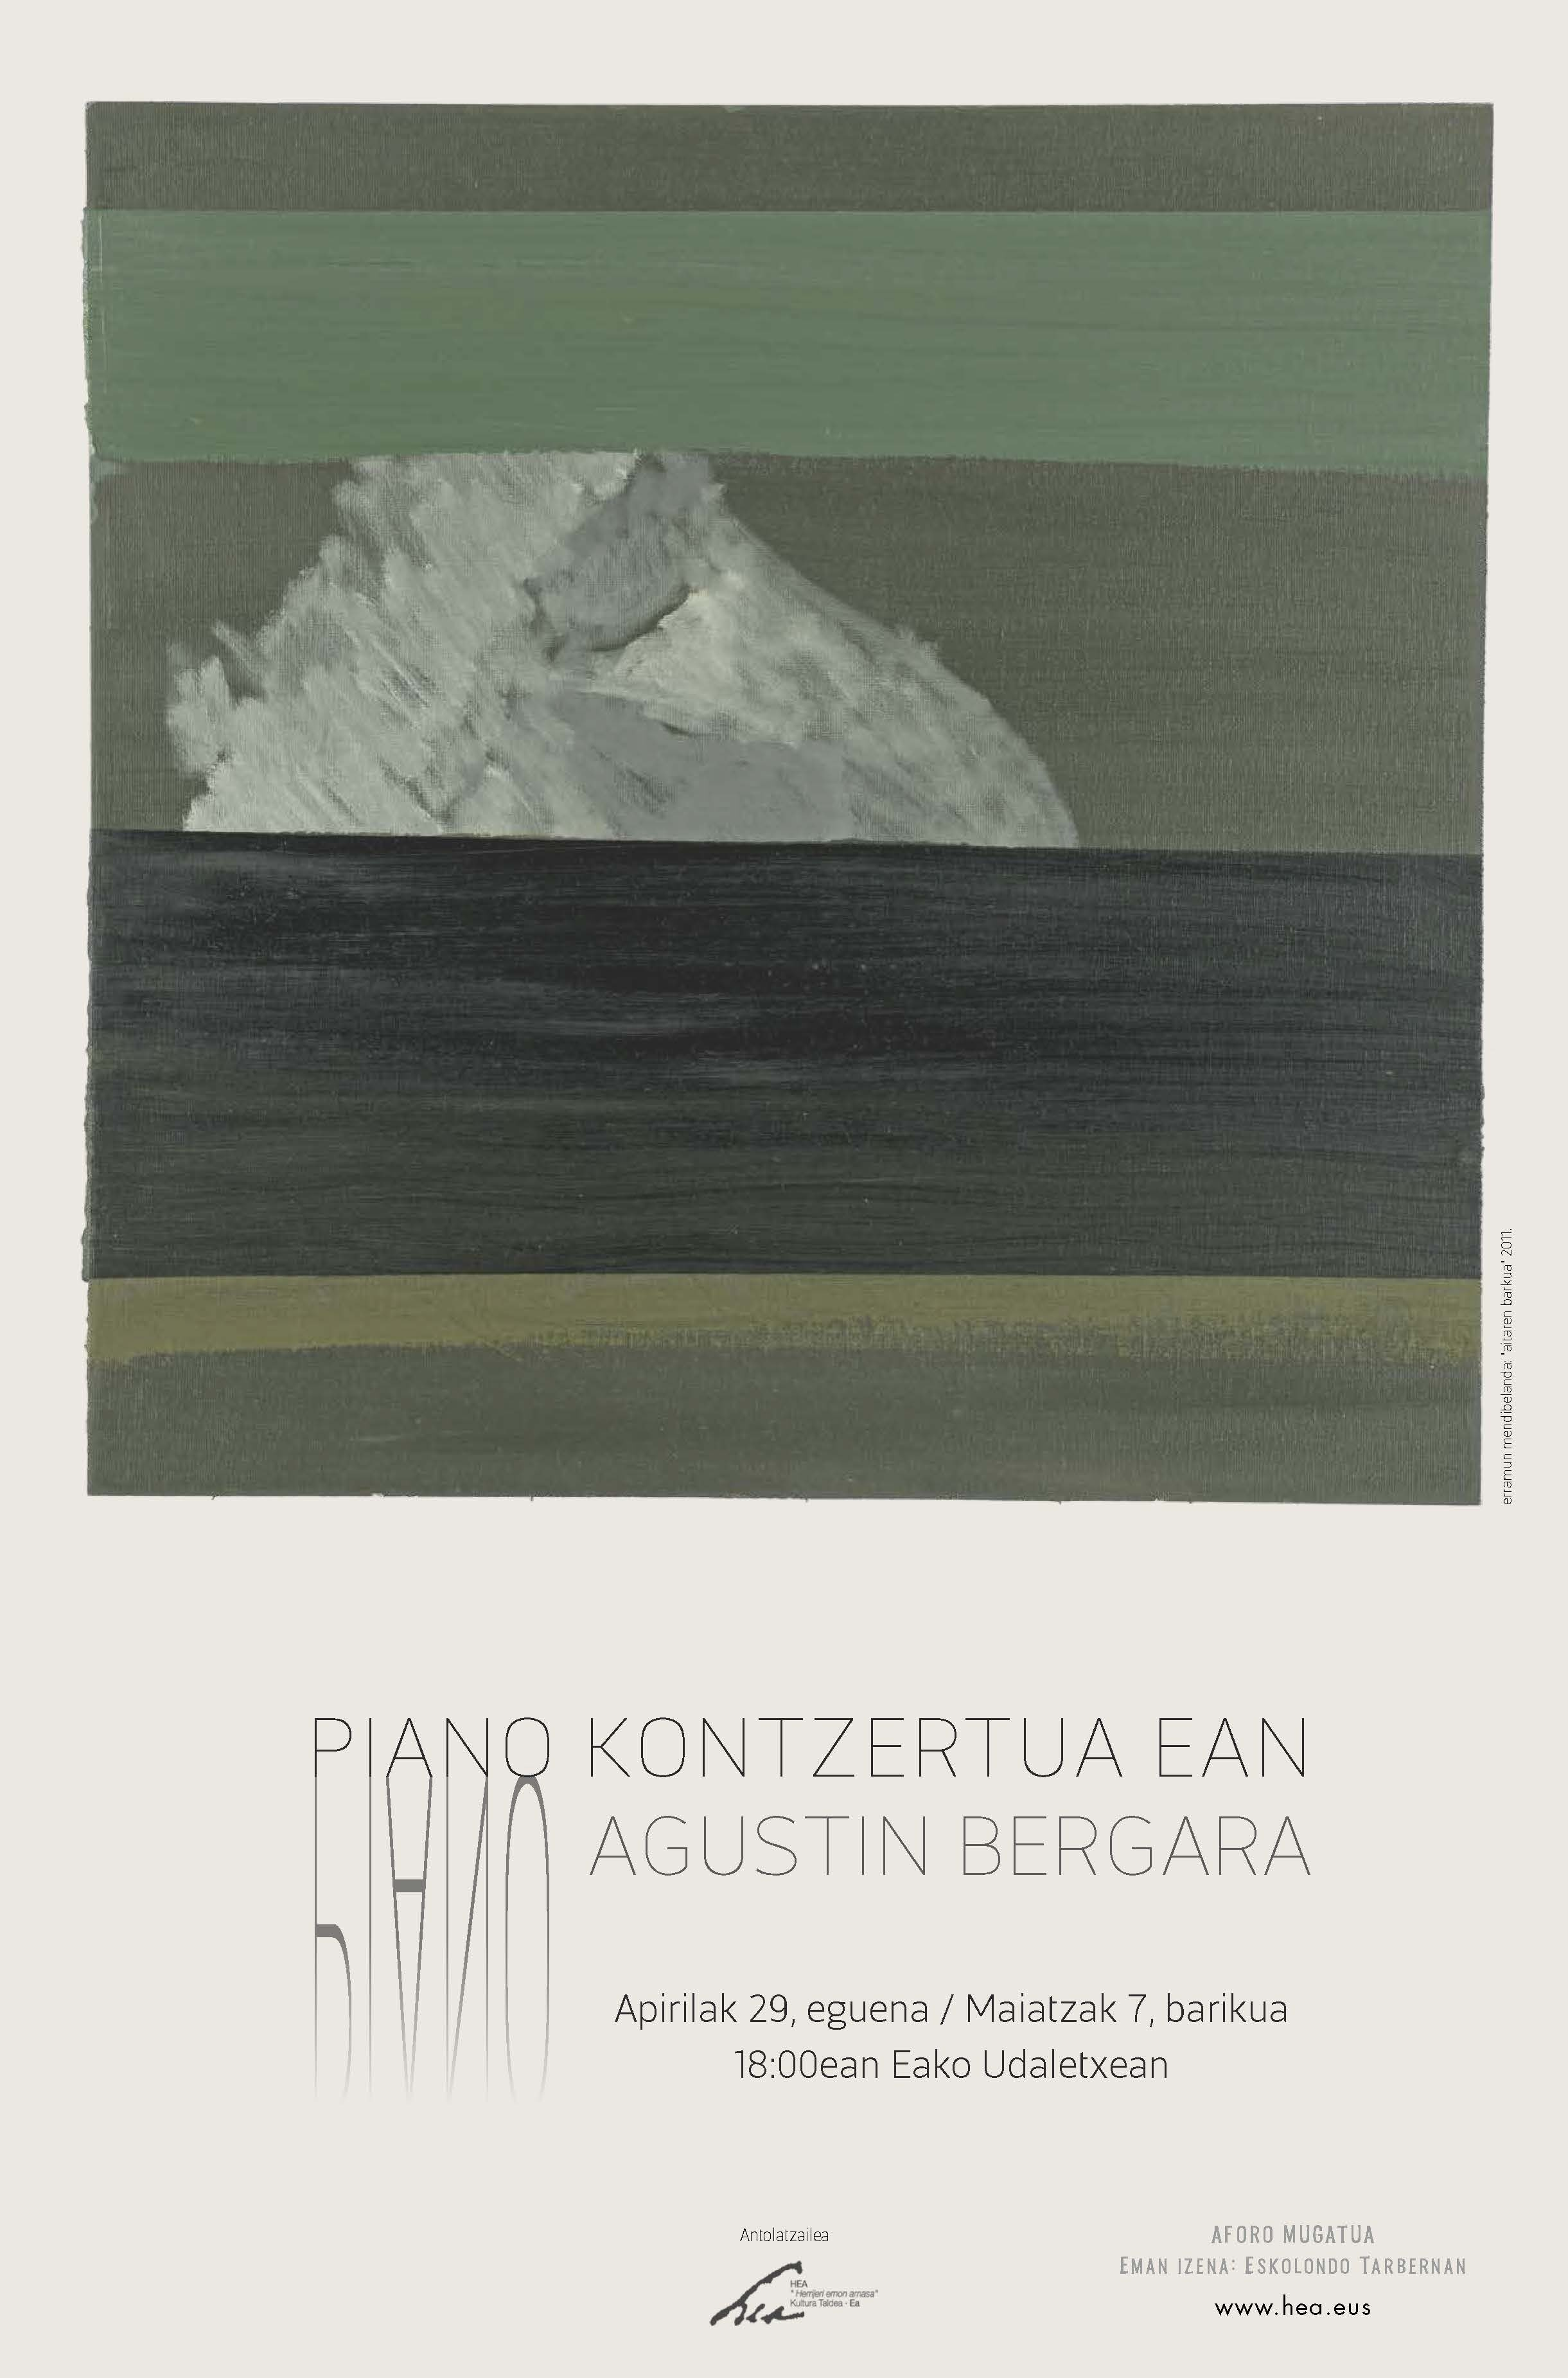 Piano Kontzertua. Agustin Bergara